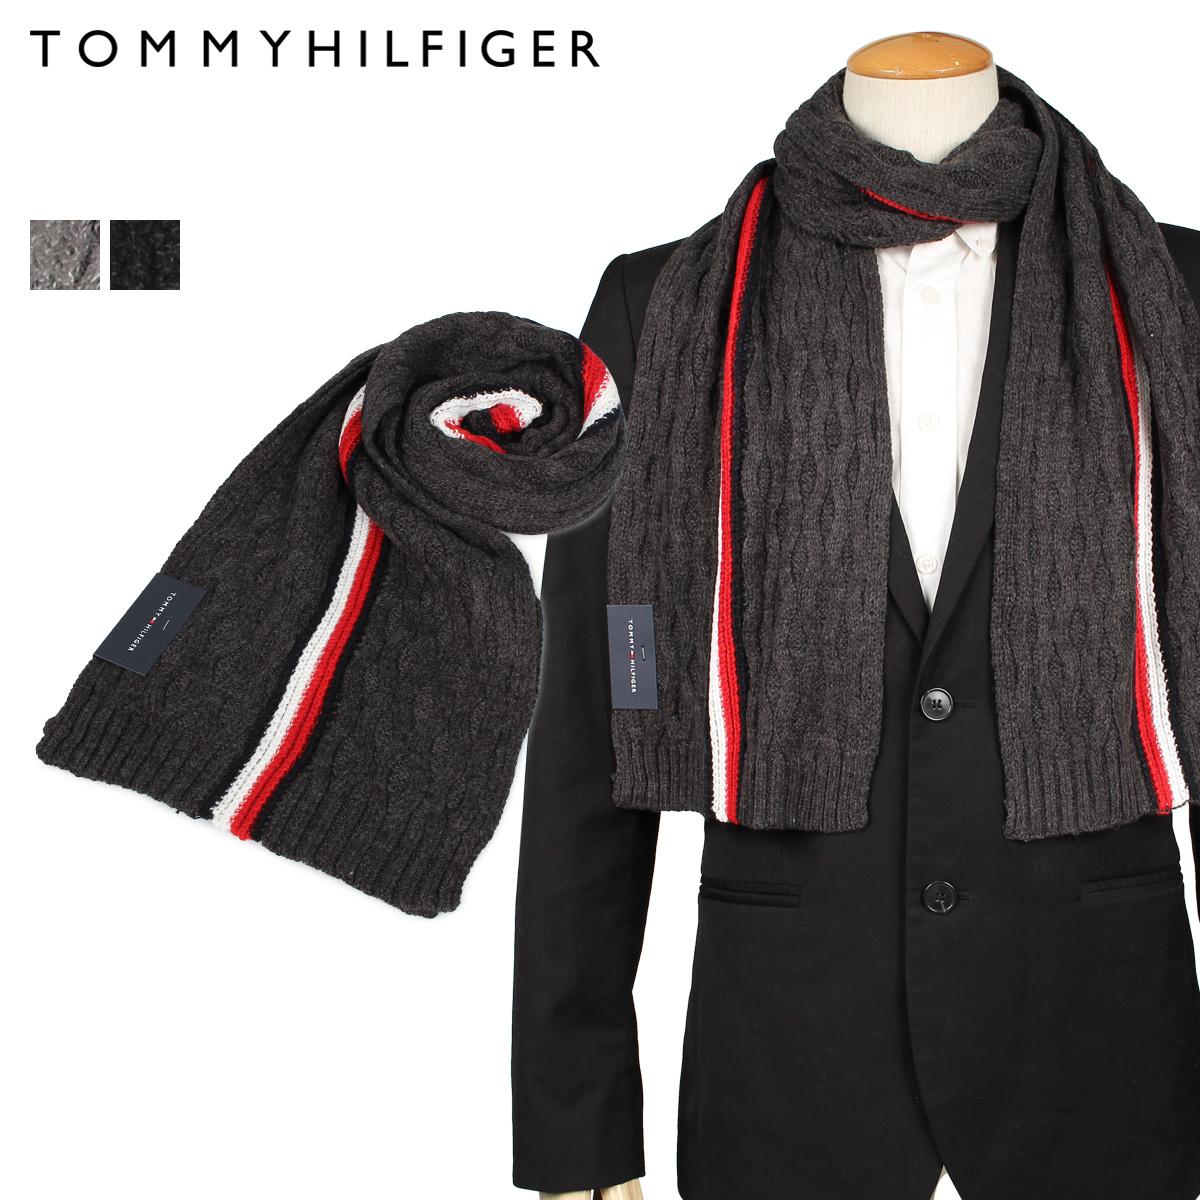 送料無料 あす楽対応 トミーヒルフィガー TOMMY HILFIGER MUFFLER マフラー 最大1000円OFFクーポン 値下げ 1CT0223 チャコールグレー レディース グレー 国産品 メンズ